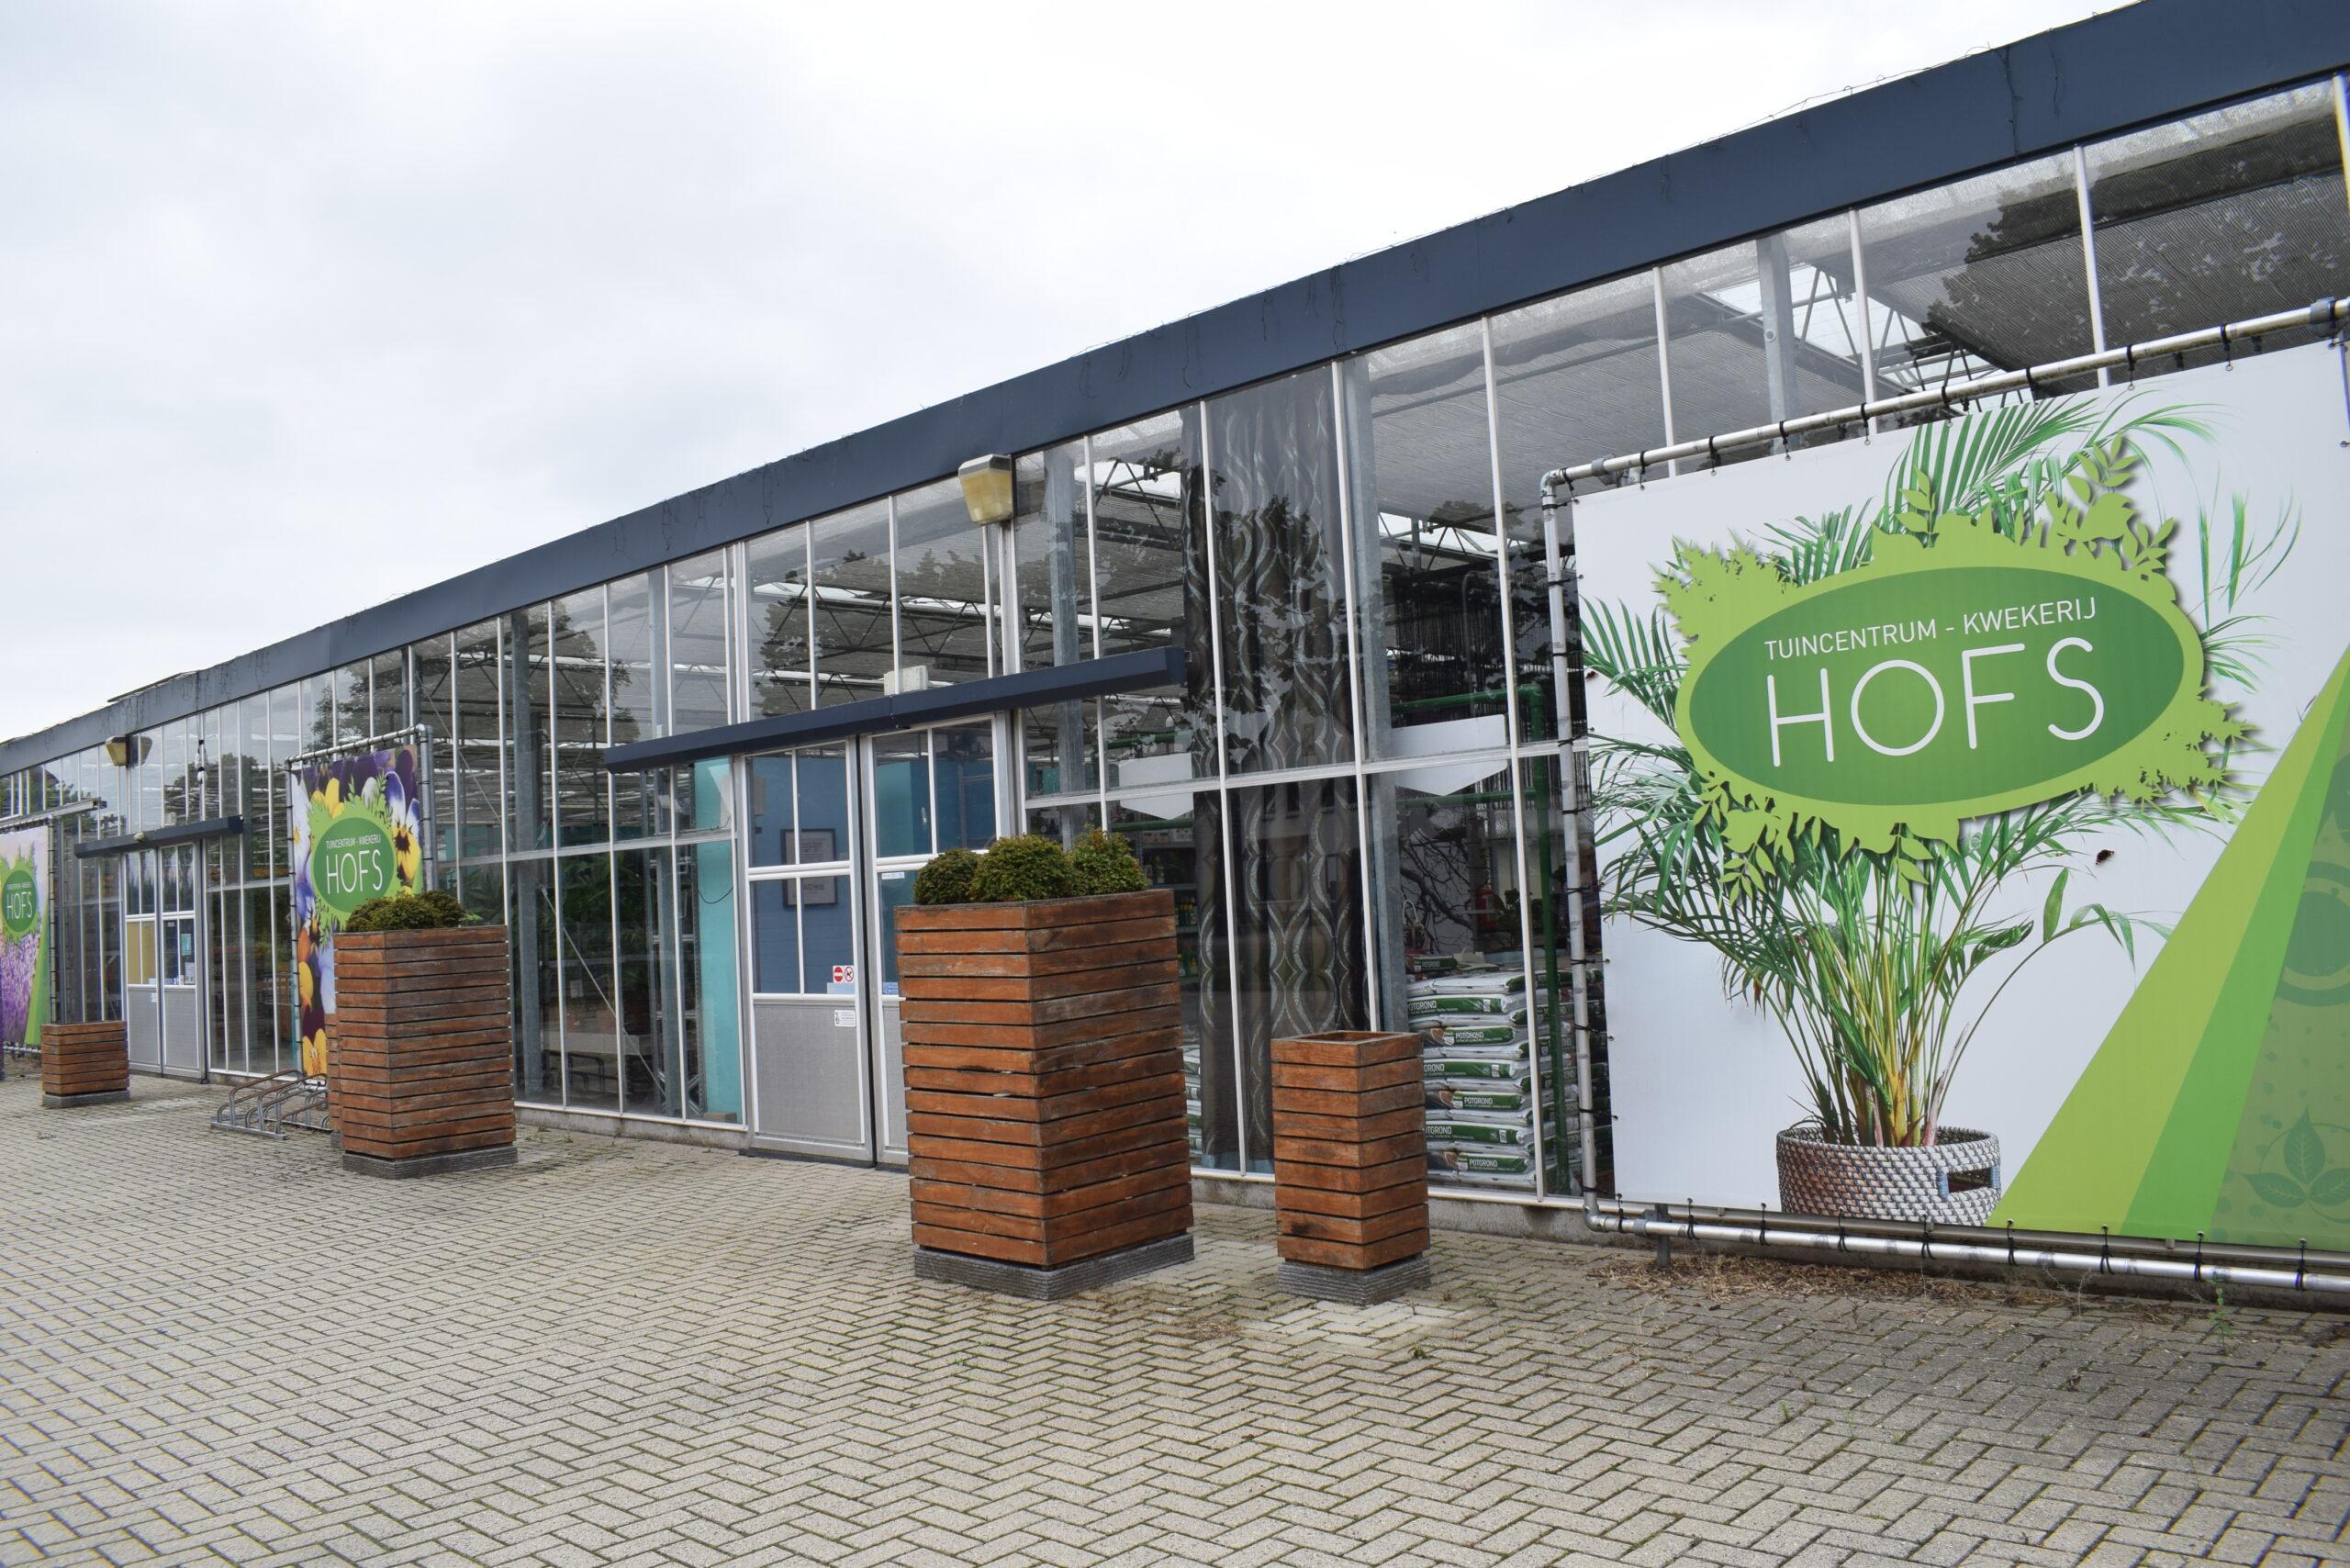 Tuincentrum Hofs